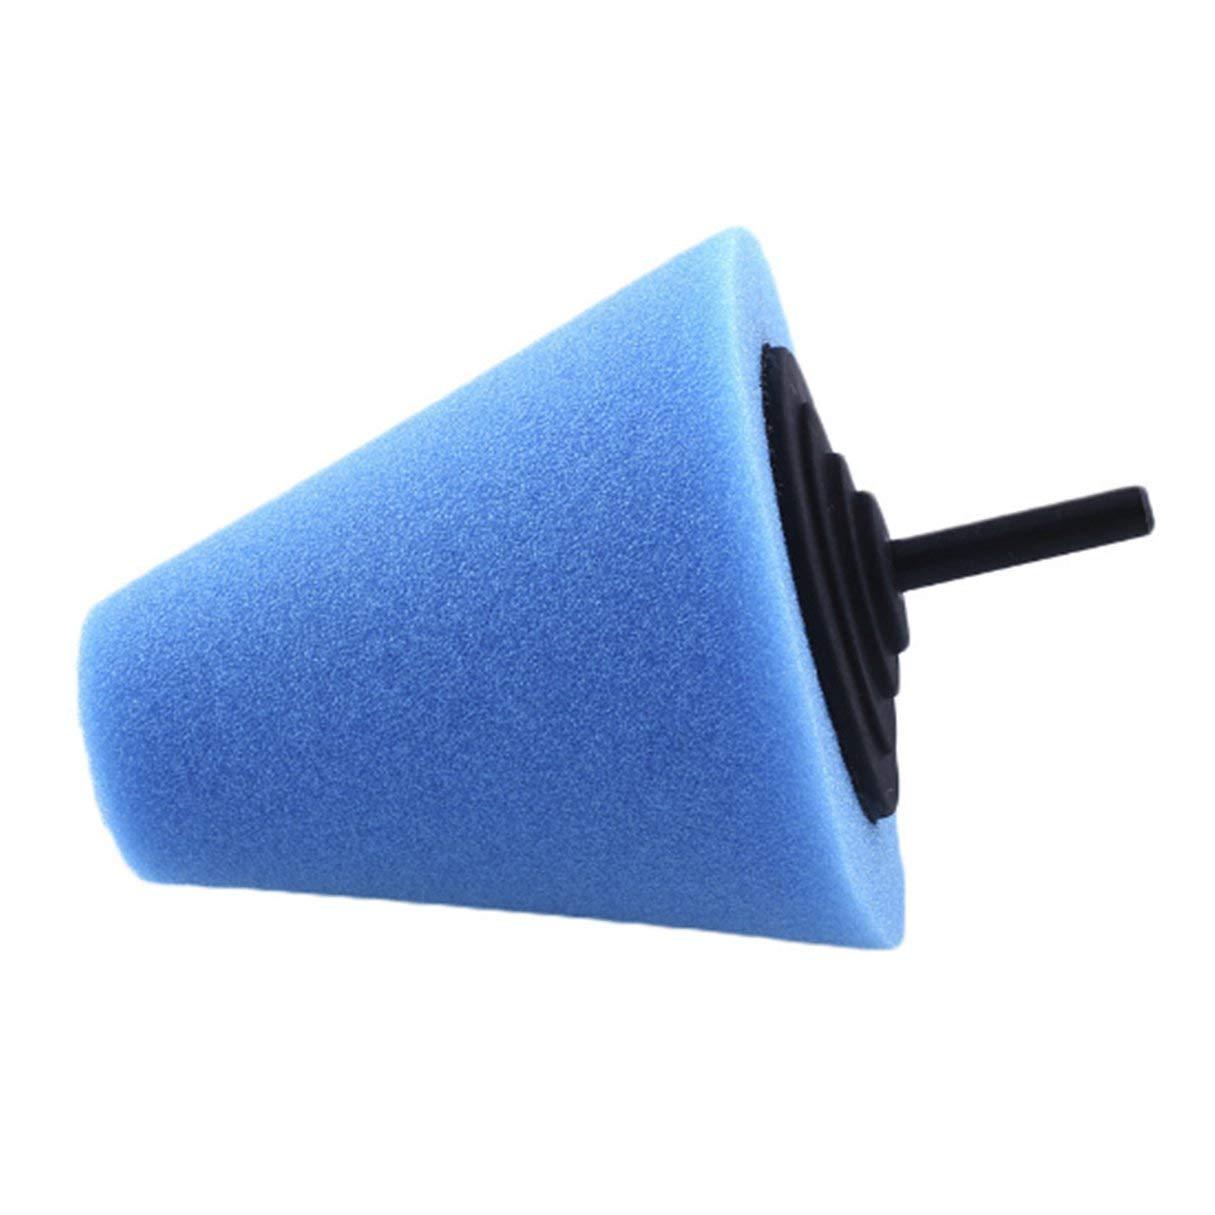 Cuscinetto di schiuma di lucidatura a cono automobilistico, tampone di lucidatura a forma di cono di spugna di metallo Cuscinetto di schiuma di lucidatura di metallo per le ruote di automobile automobilistica Cura di tipo medio blu Wafalano